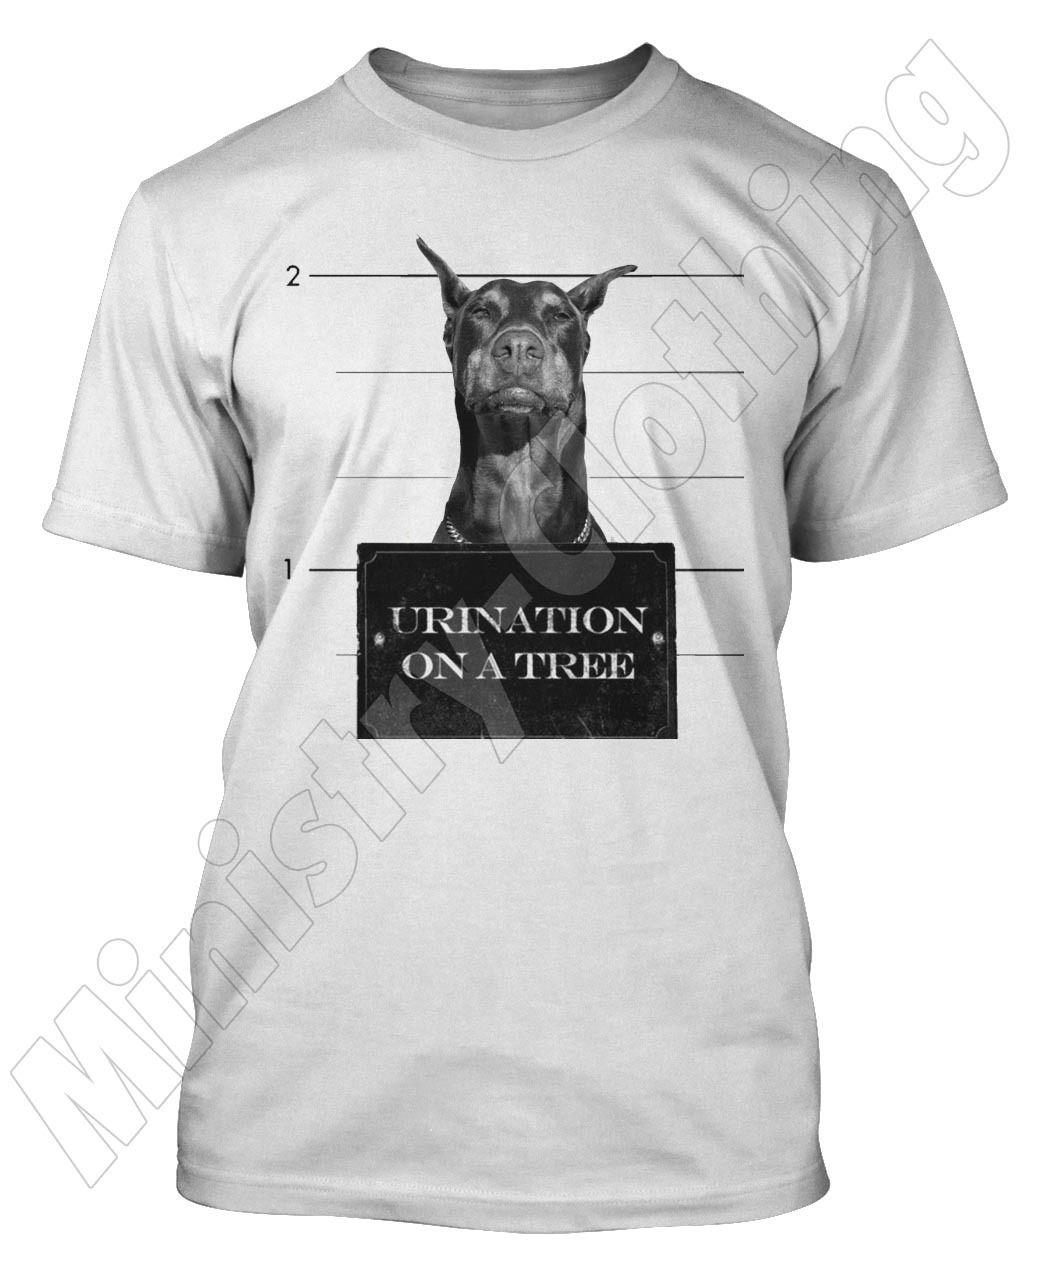 Доберман футболка Смешные Собаки Футболка Animal Print Top Кружка выстрел ДОБЕ Доберман